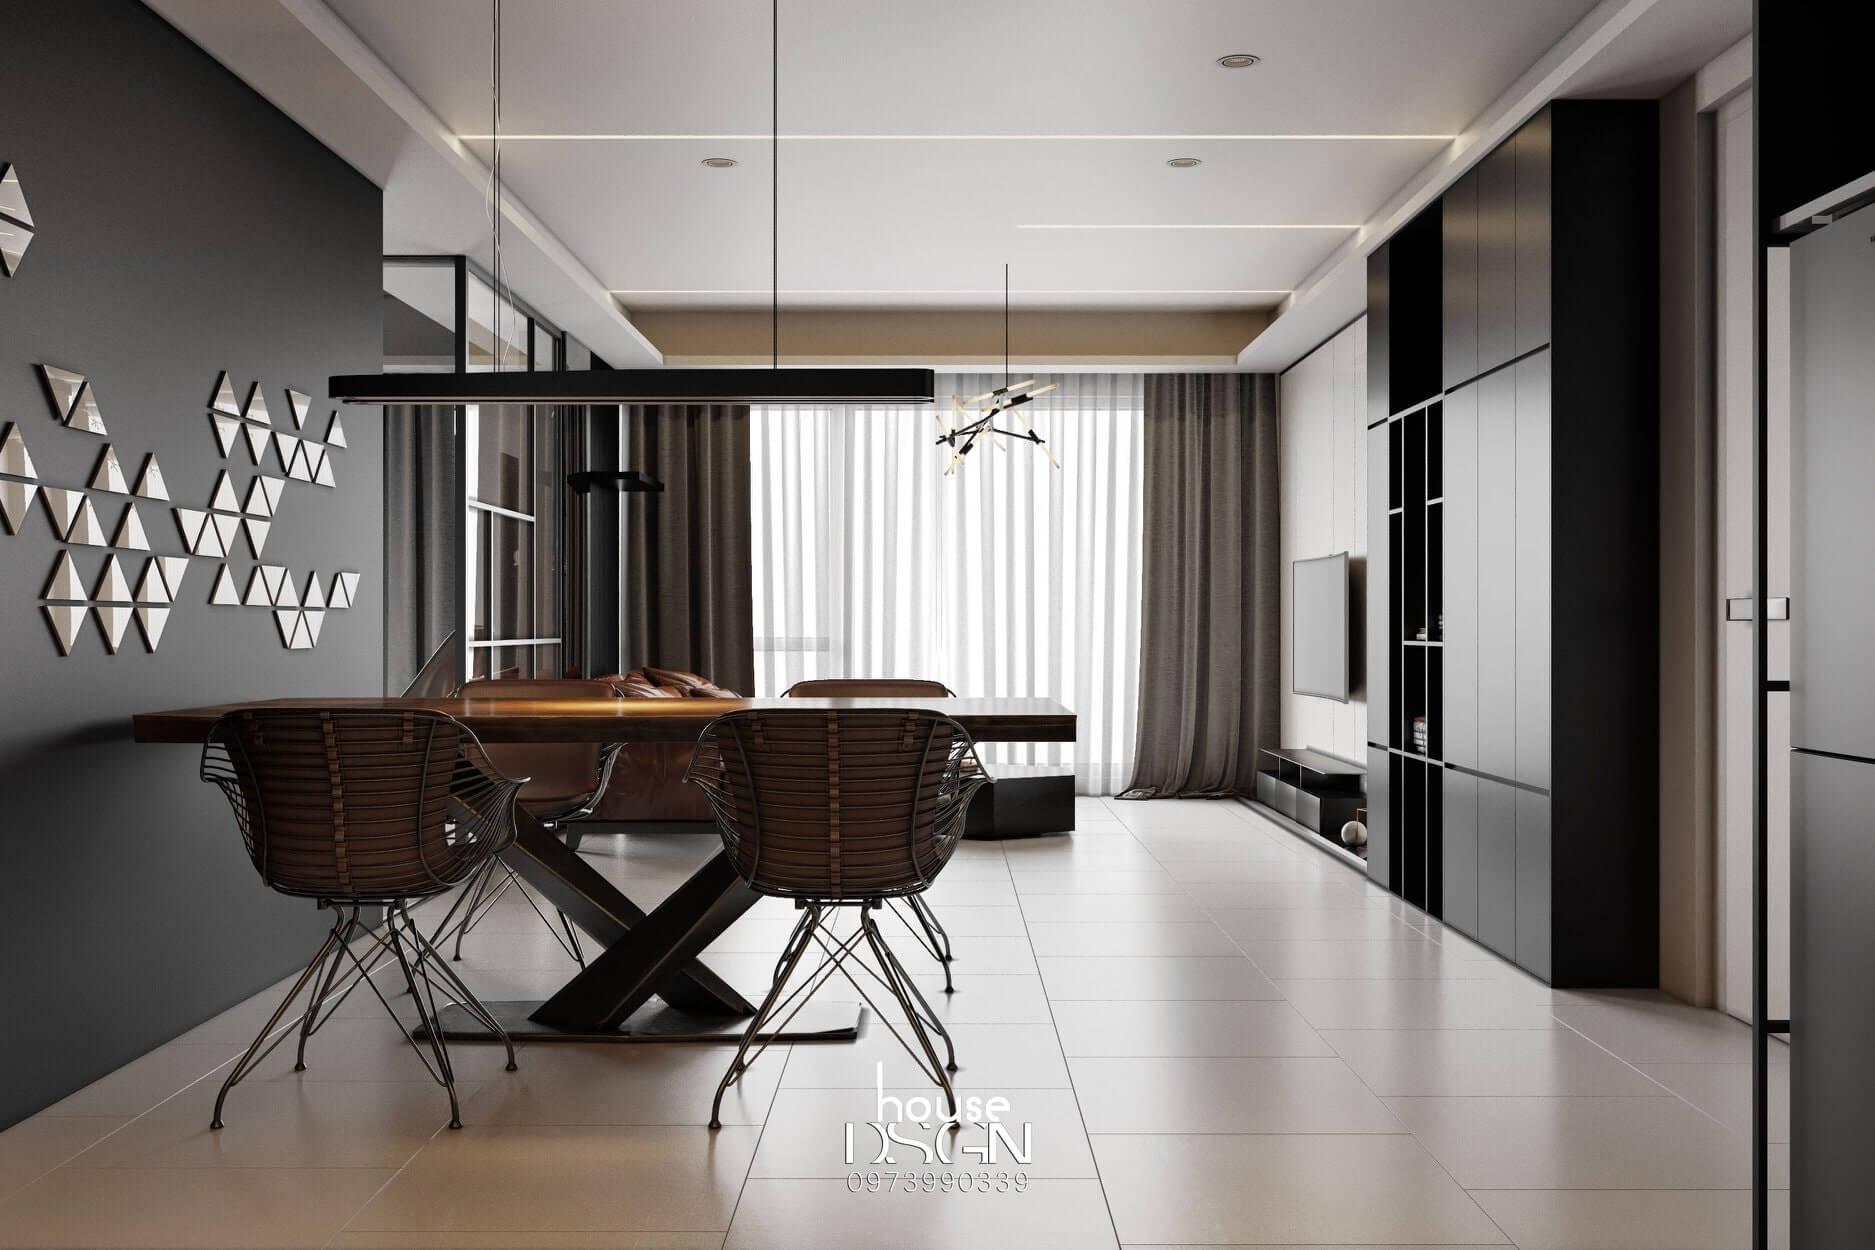 nội thất căn hộ chung cư 100m2 hiện đại